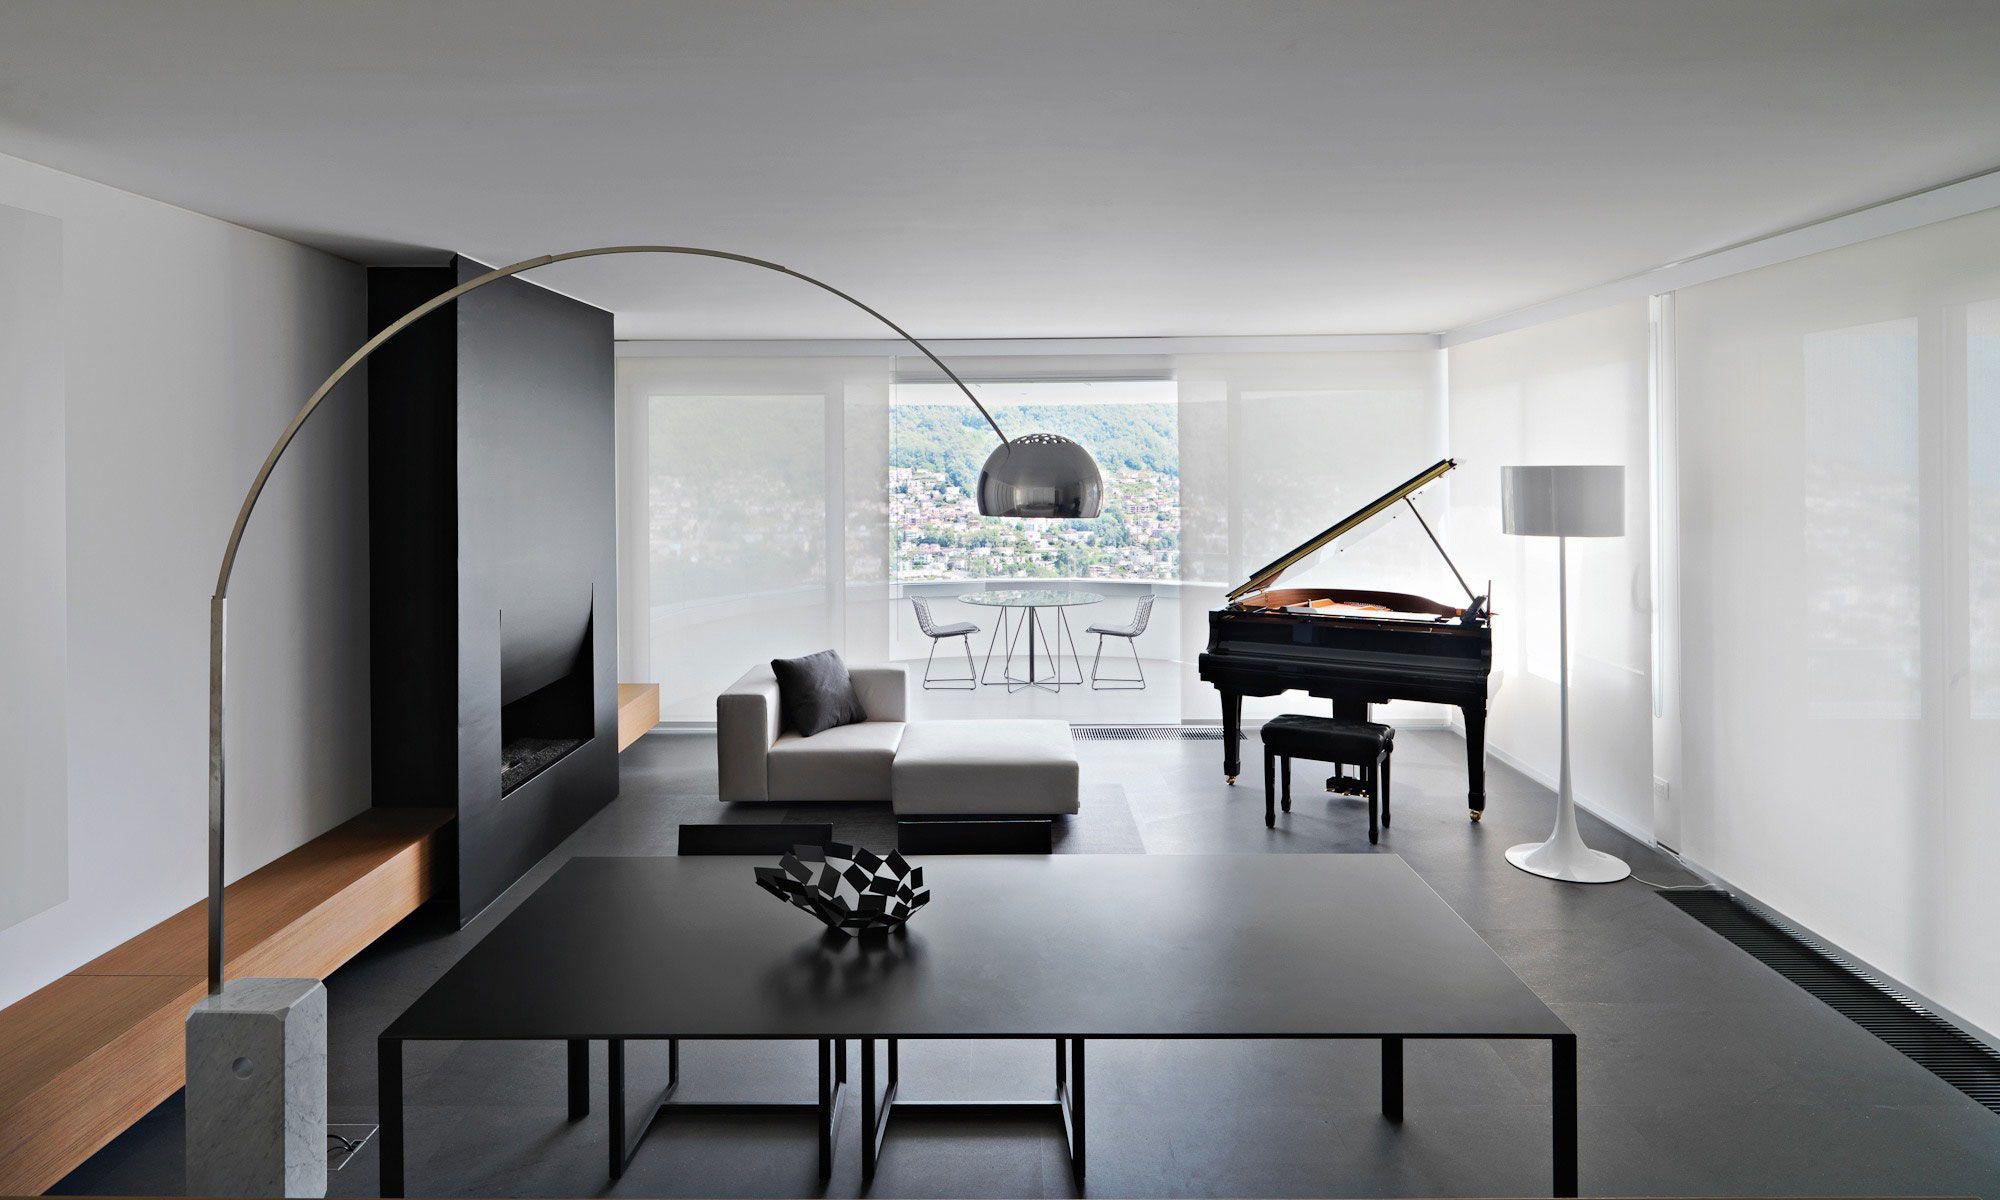 70 moderne, innovative luxus interieur ideen fürs wohnzimmer ... - Moderne Wohnzimmer Ideen